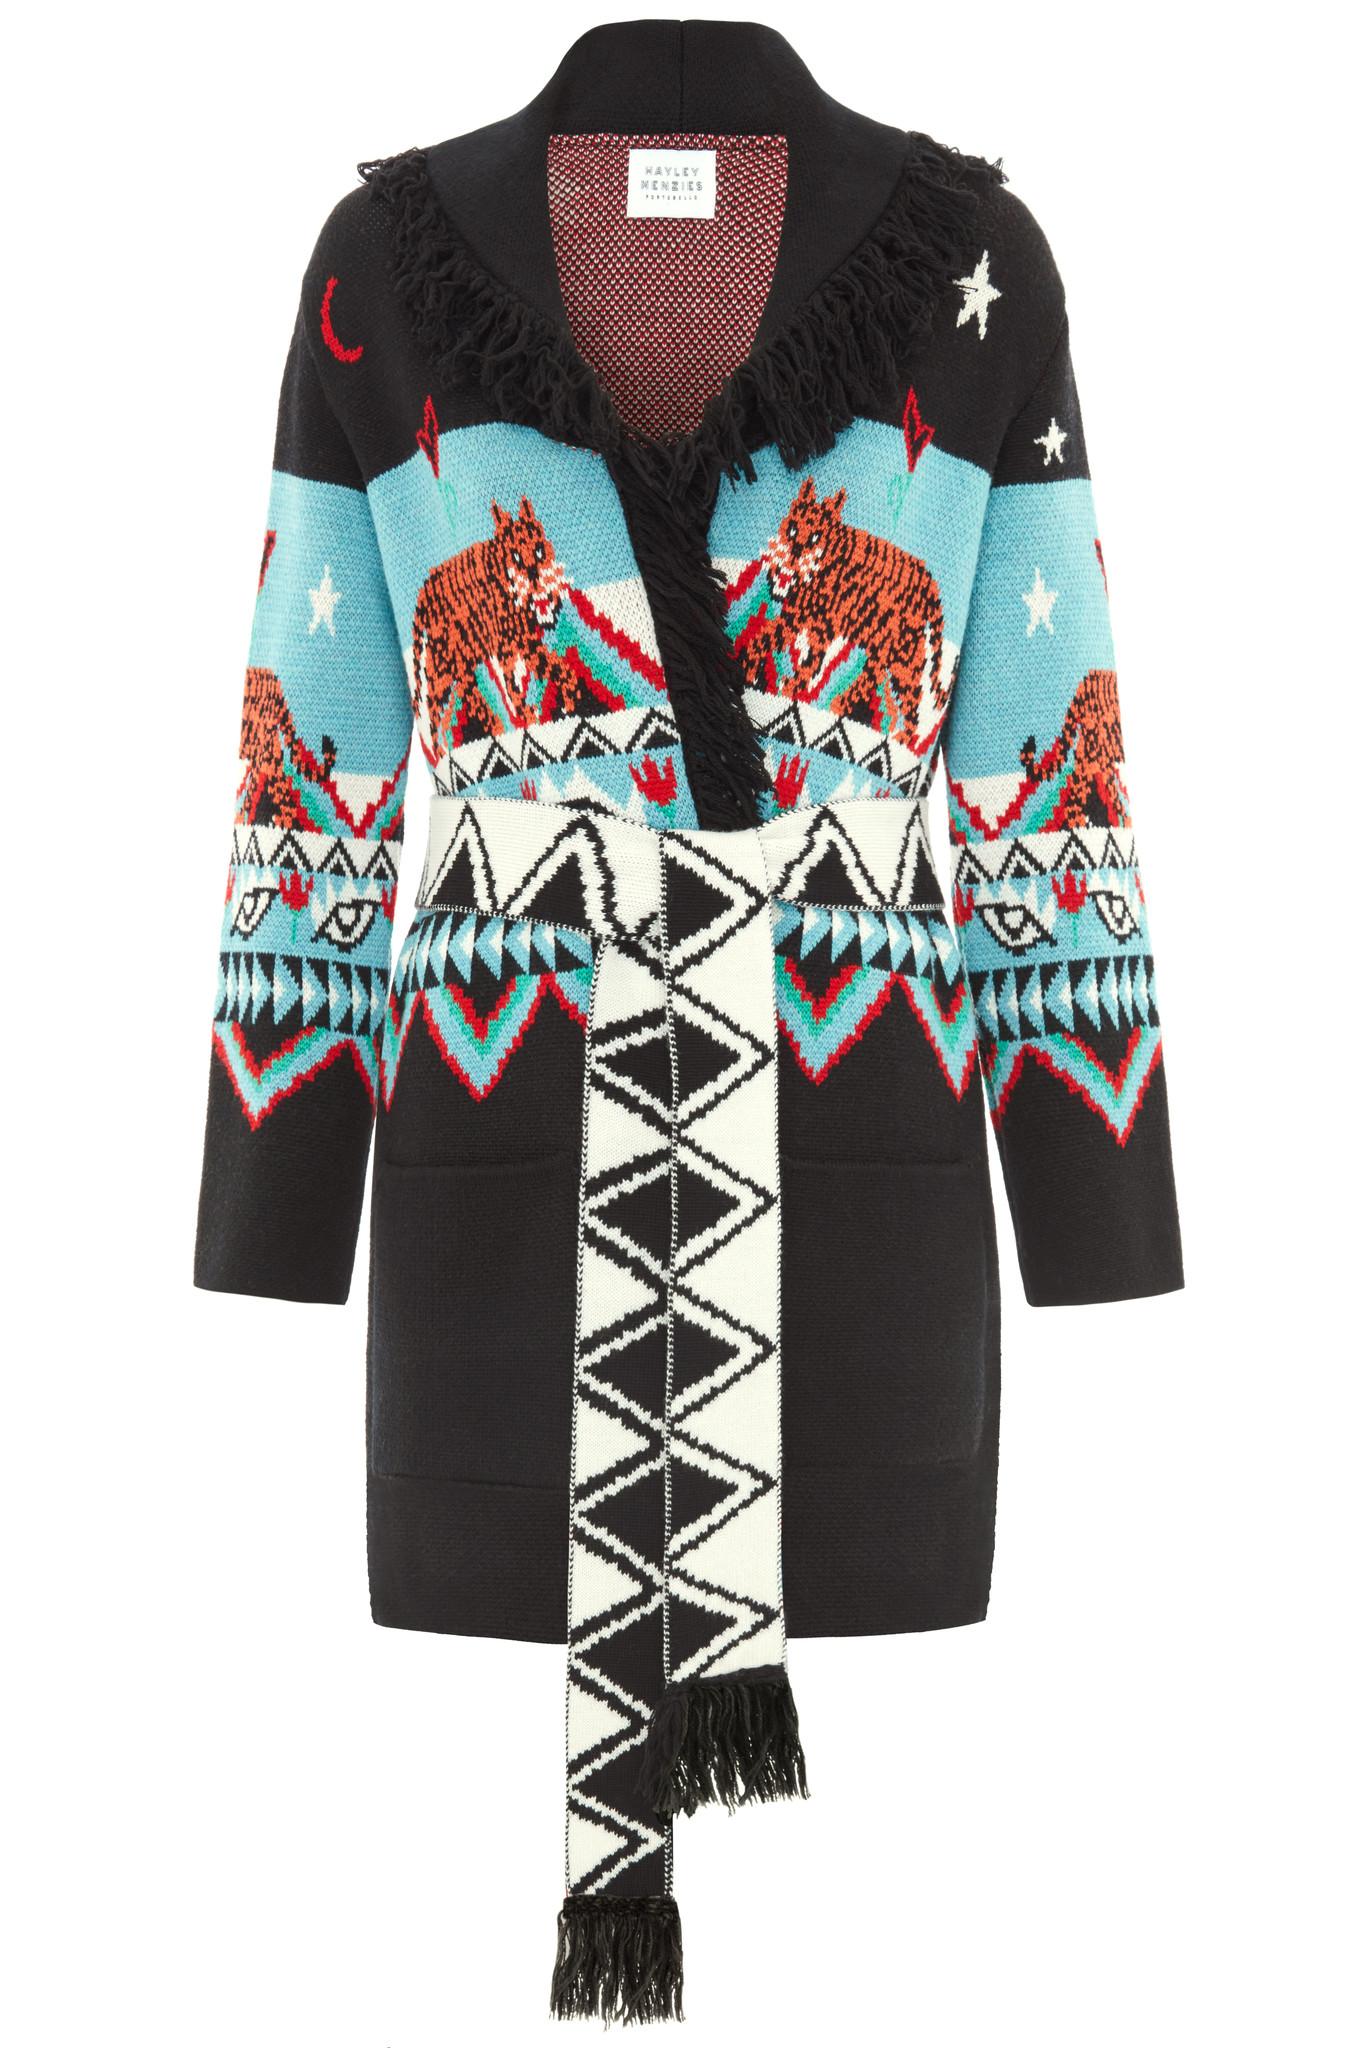 Abheben ist eine Lebenseinstellung. Diese gekonnt gefertigte, extrafeine Jacke aus Merinowolle wurde auf einem Jacquard-Webstuhl hergestellt.